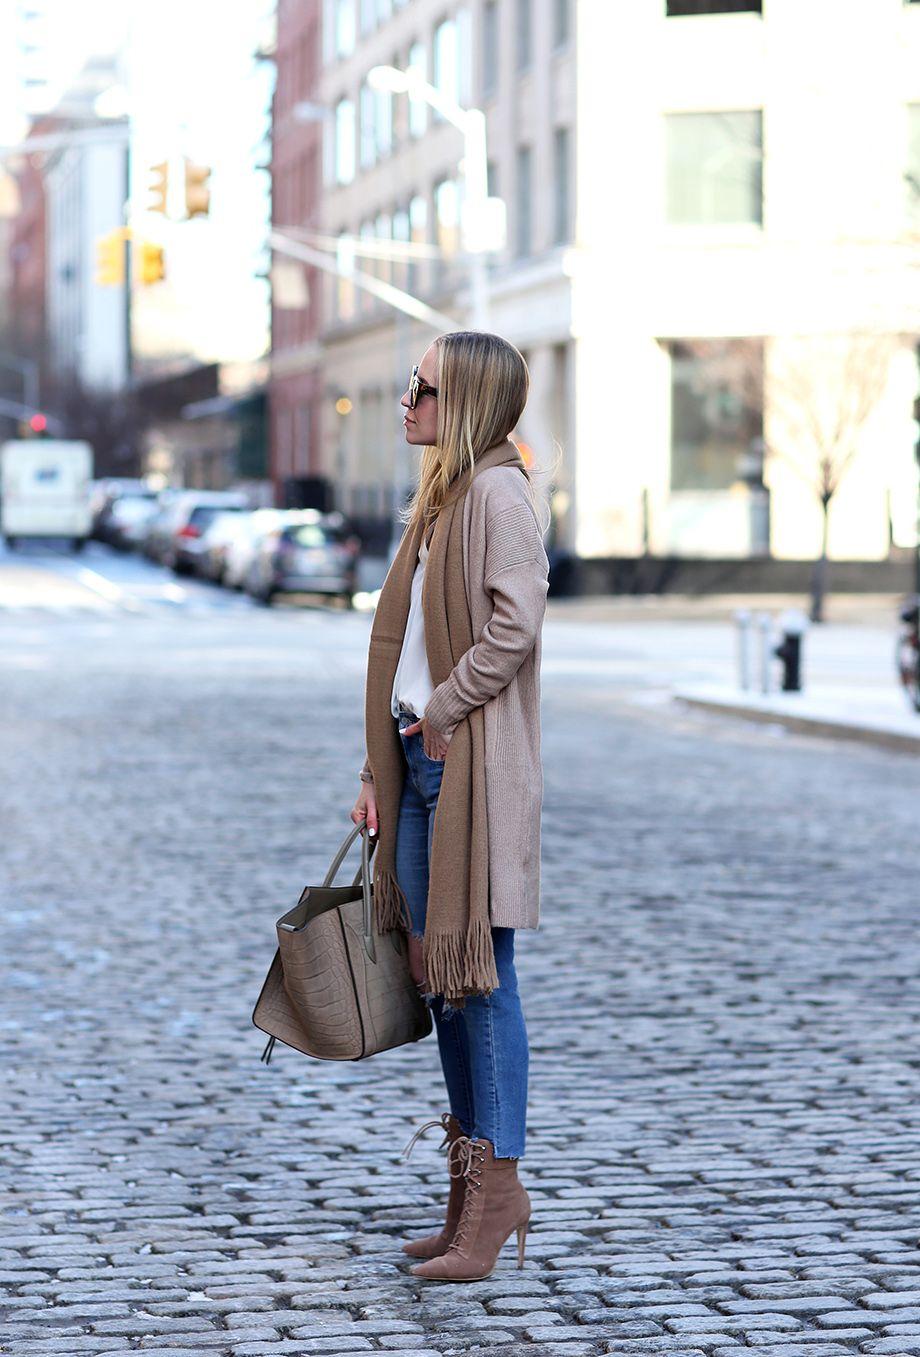 Camel Scarf, Celine Phantom Bag, Neutral Outfit | Closet Essentials: Camel Scarves